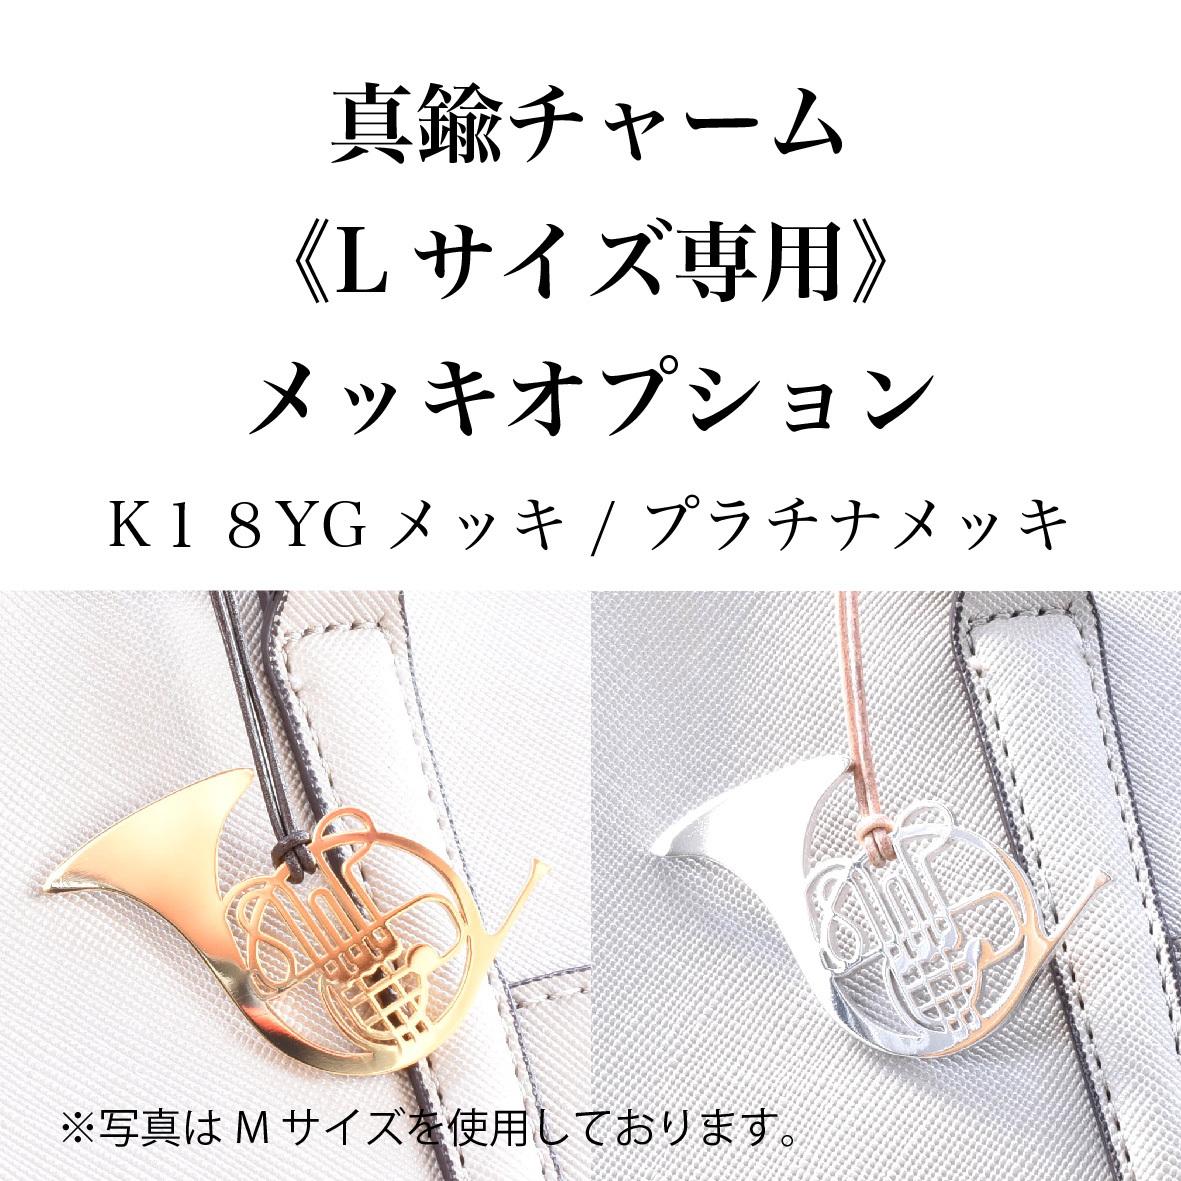 真鍮チャーム(Lサイズ専用)鏡面仕上げ+メッキ オプション